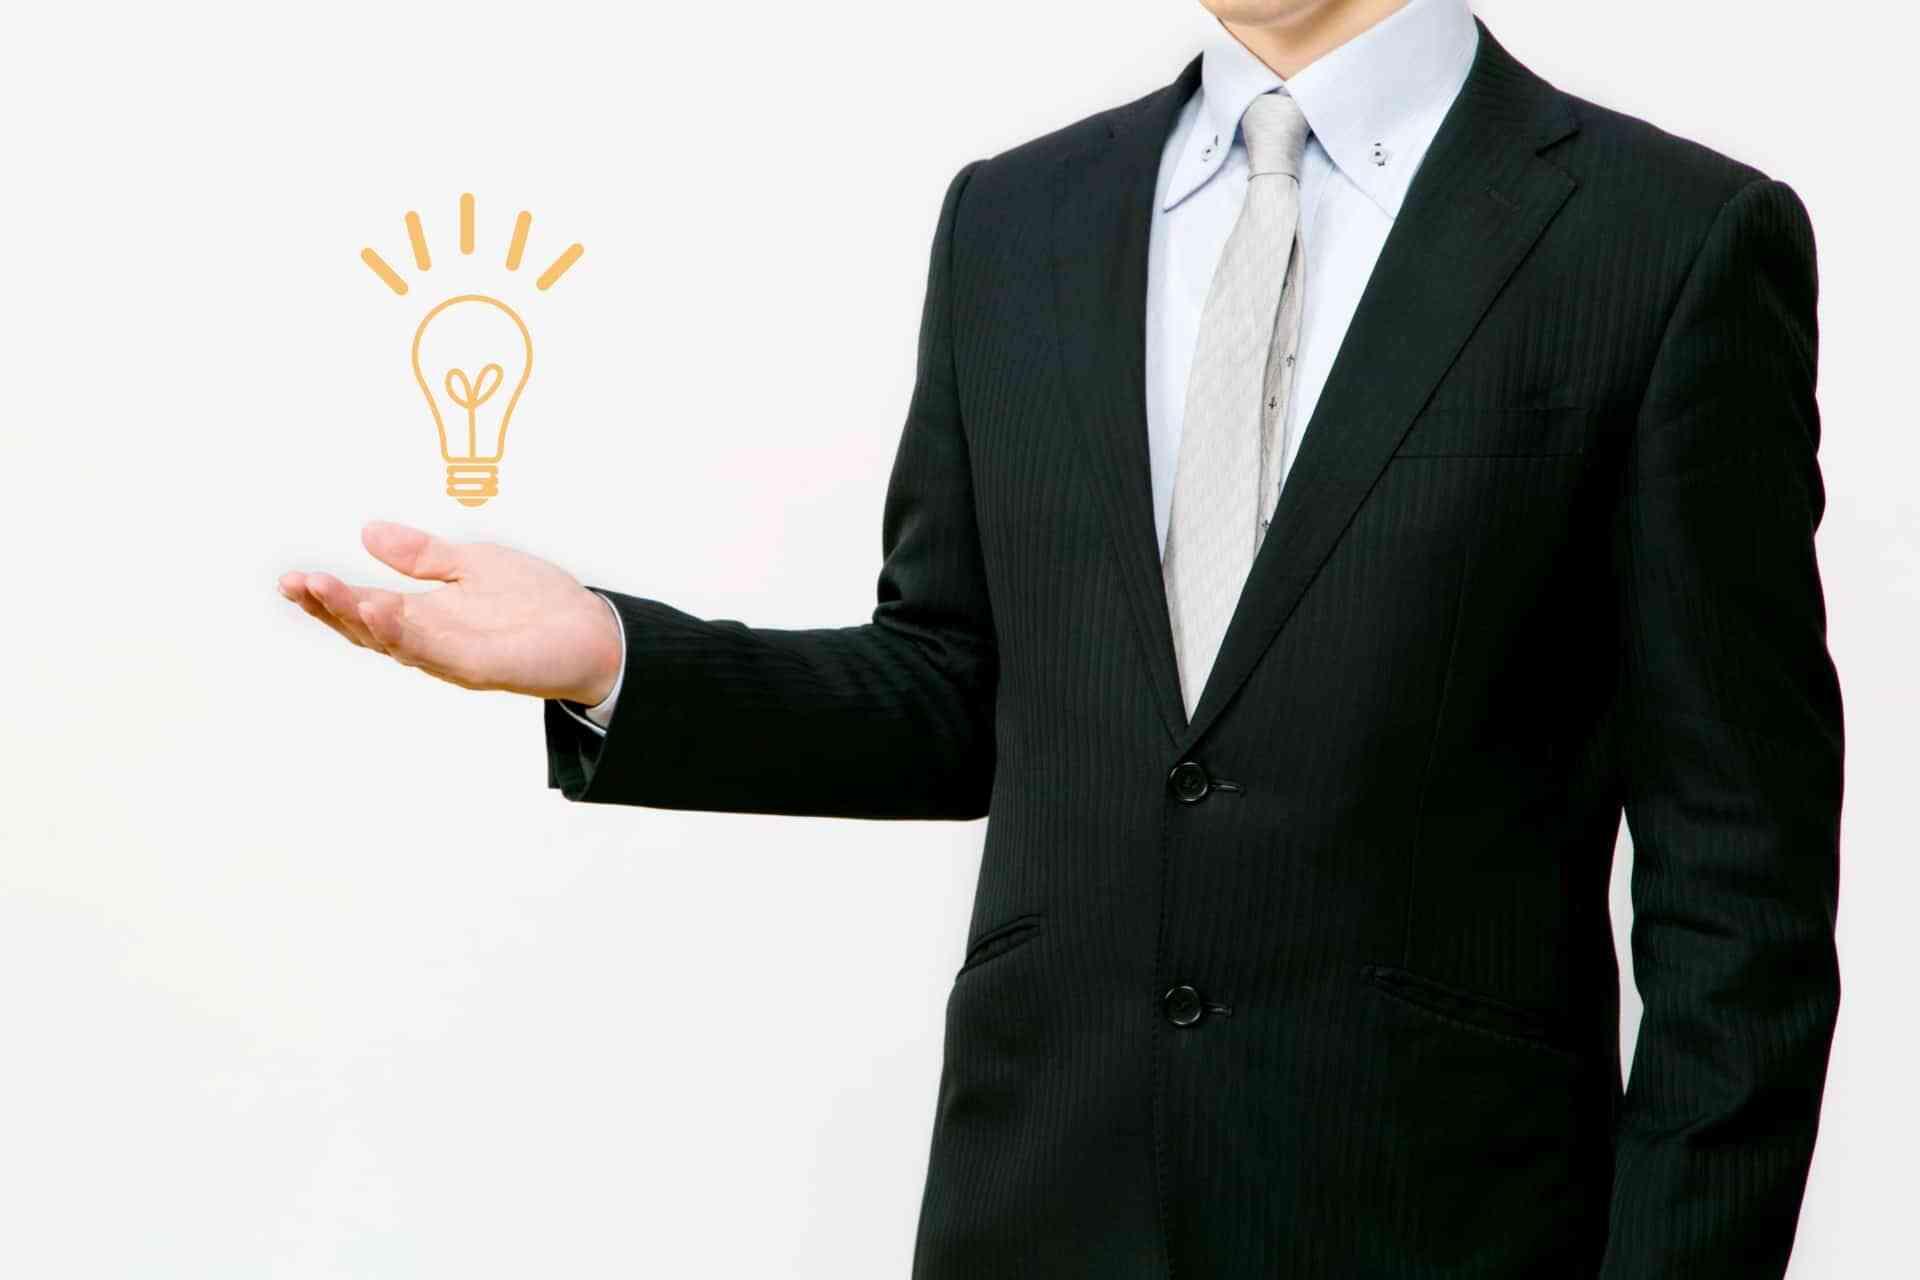 会社説明会のコツと企業から好印象な質問とは